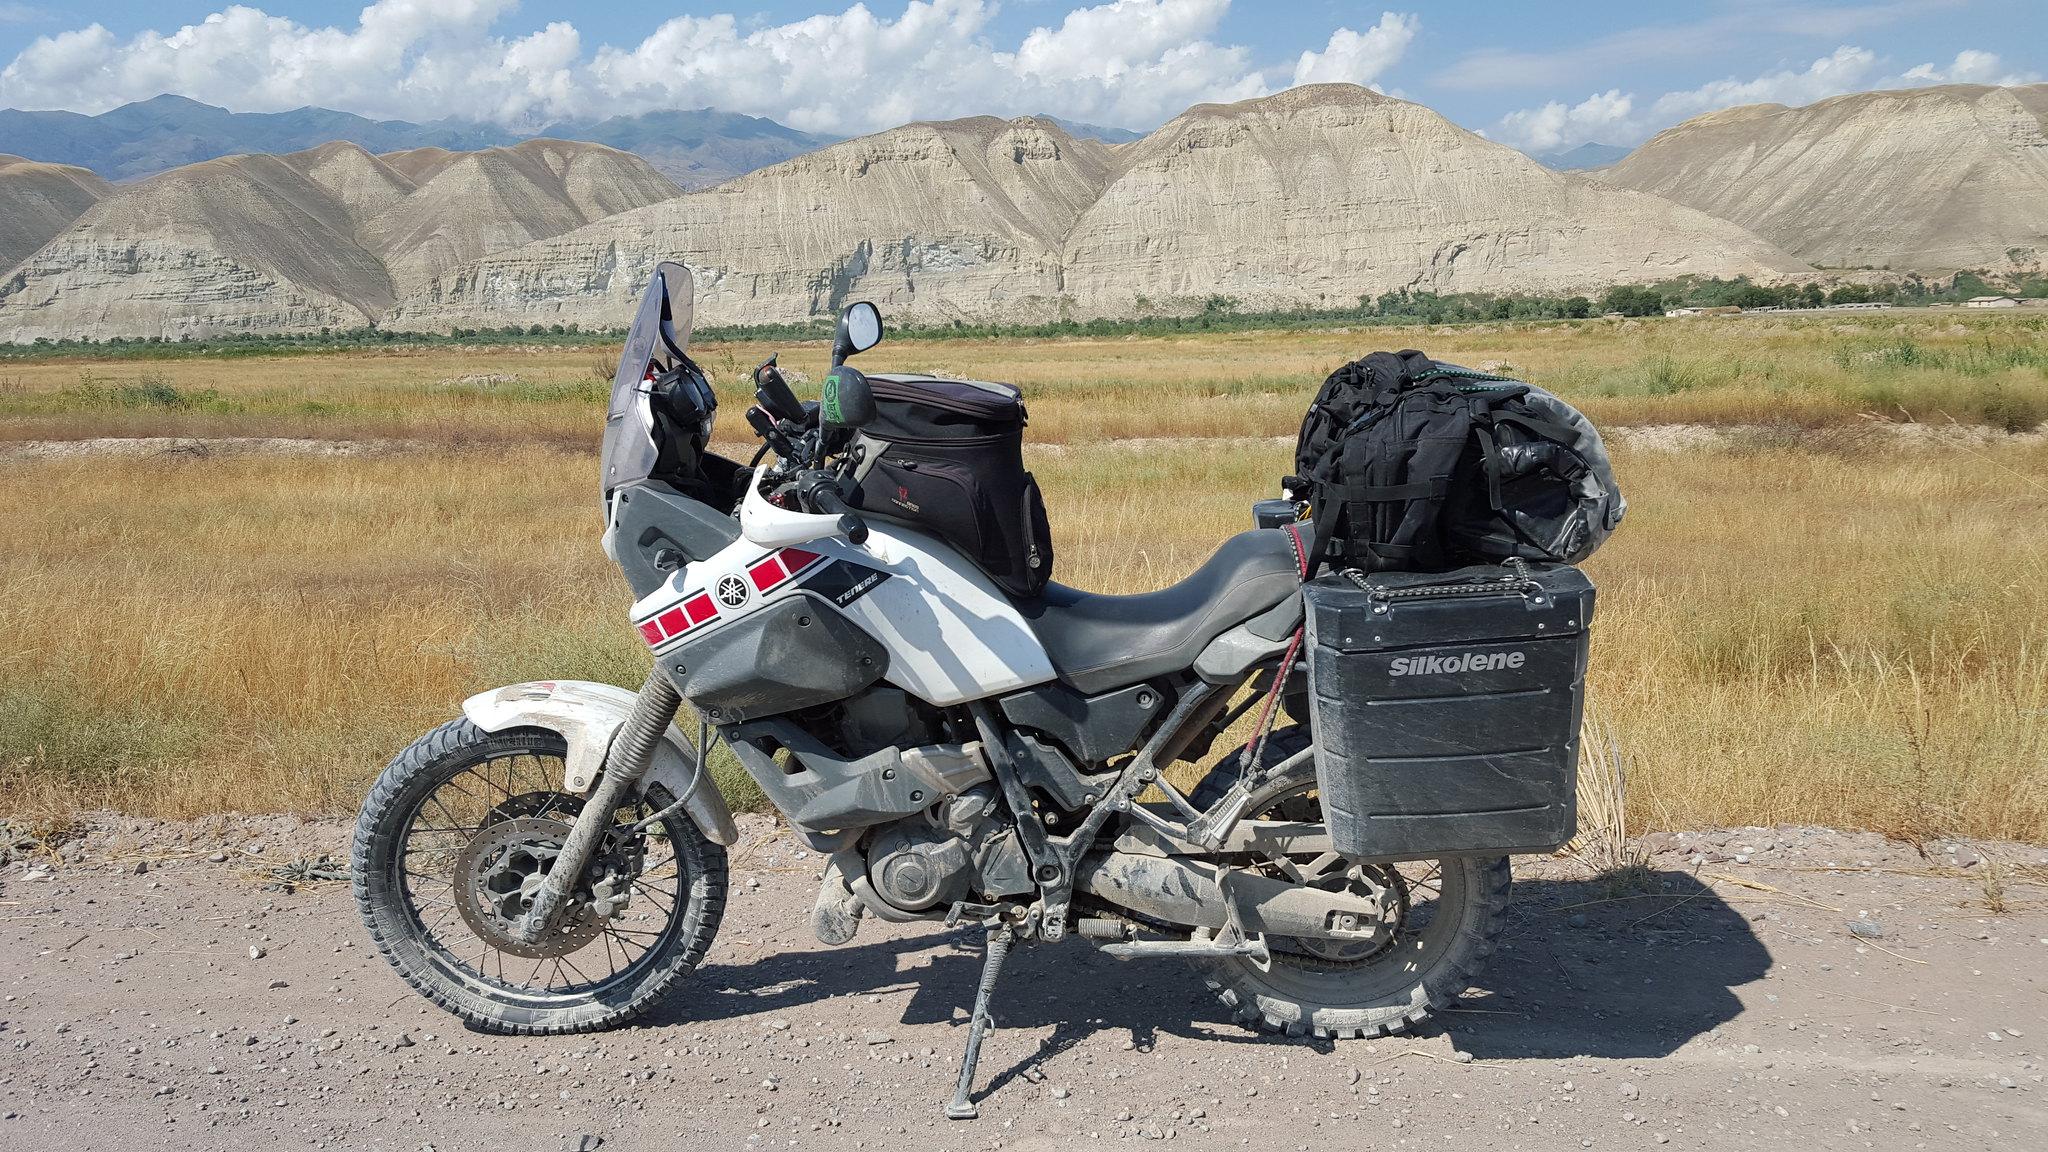 26905573908 Kumb reisimiseks parem: kohvrid või kotid? - Biker.ee foorum